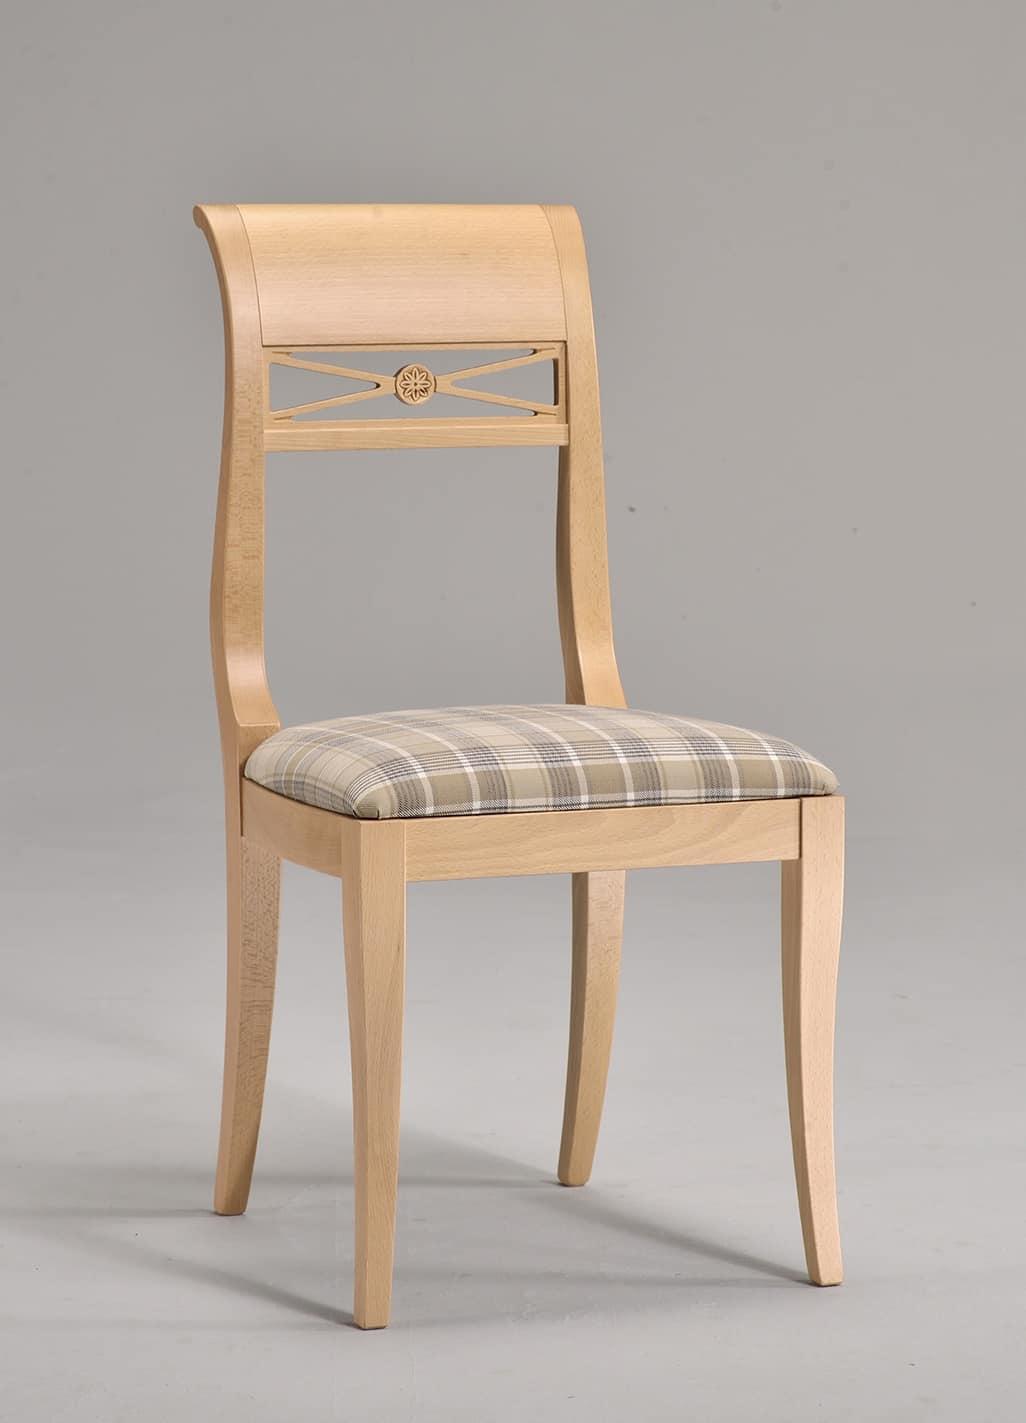 EVA sedia 8016S, Sedia con seduta imbottita, in faggio, motivo intrecciato